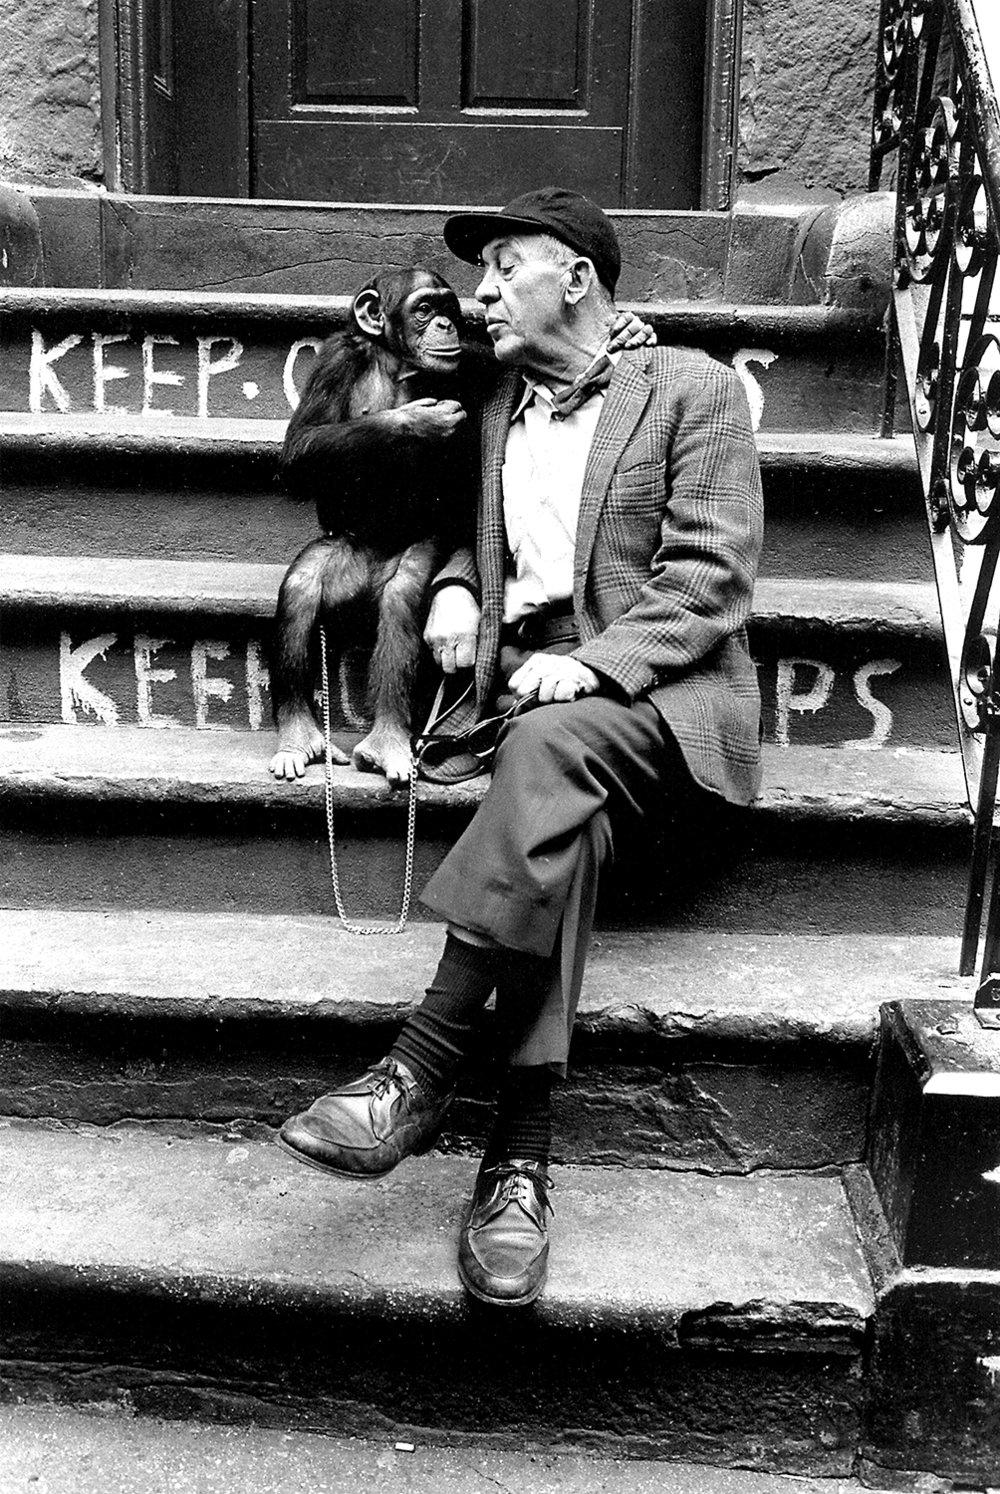 Cronies (man&chimp).jpg